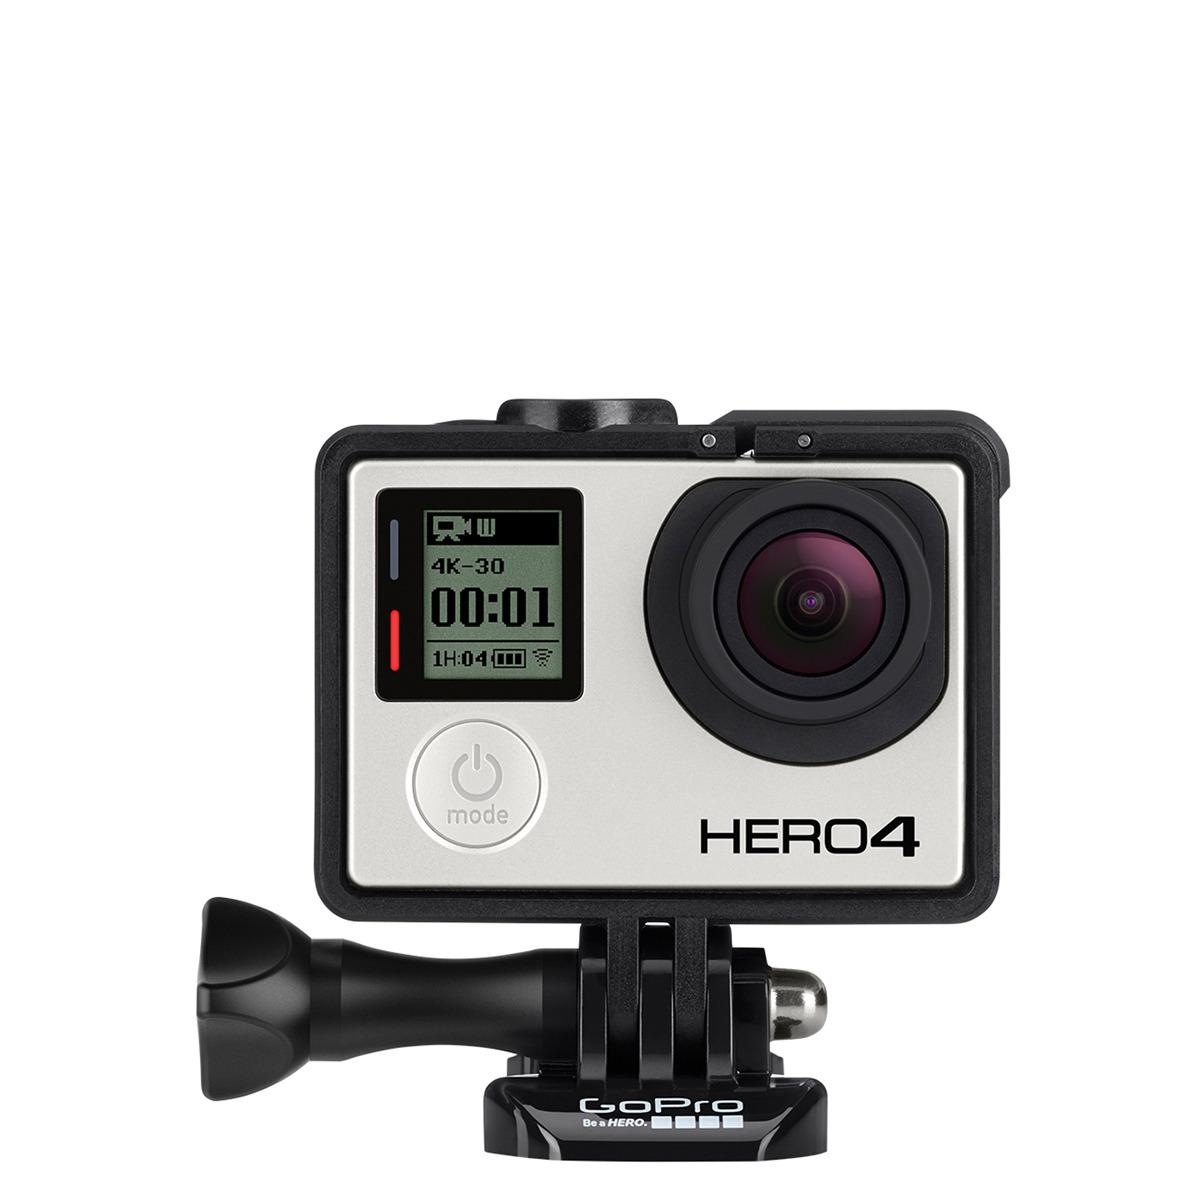 Cámara digital GoPro HERO4 Black Edition de 12 MP